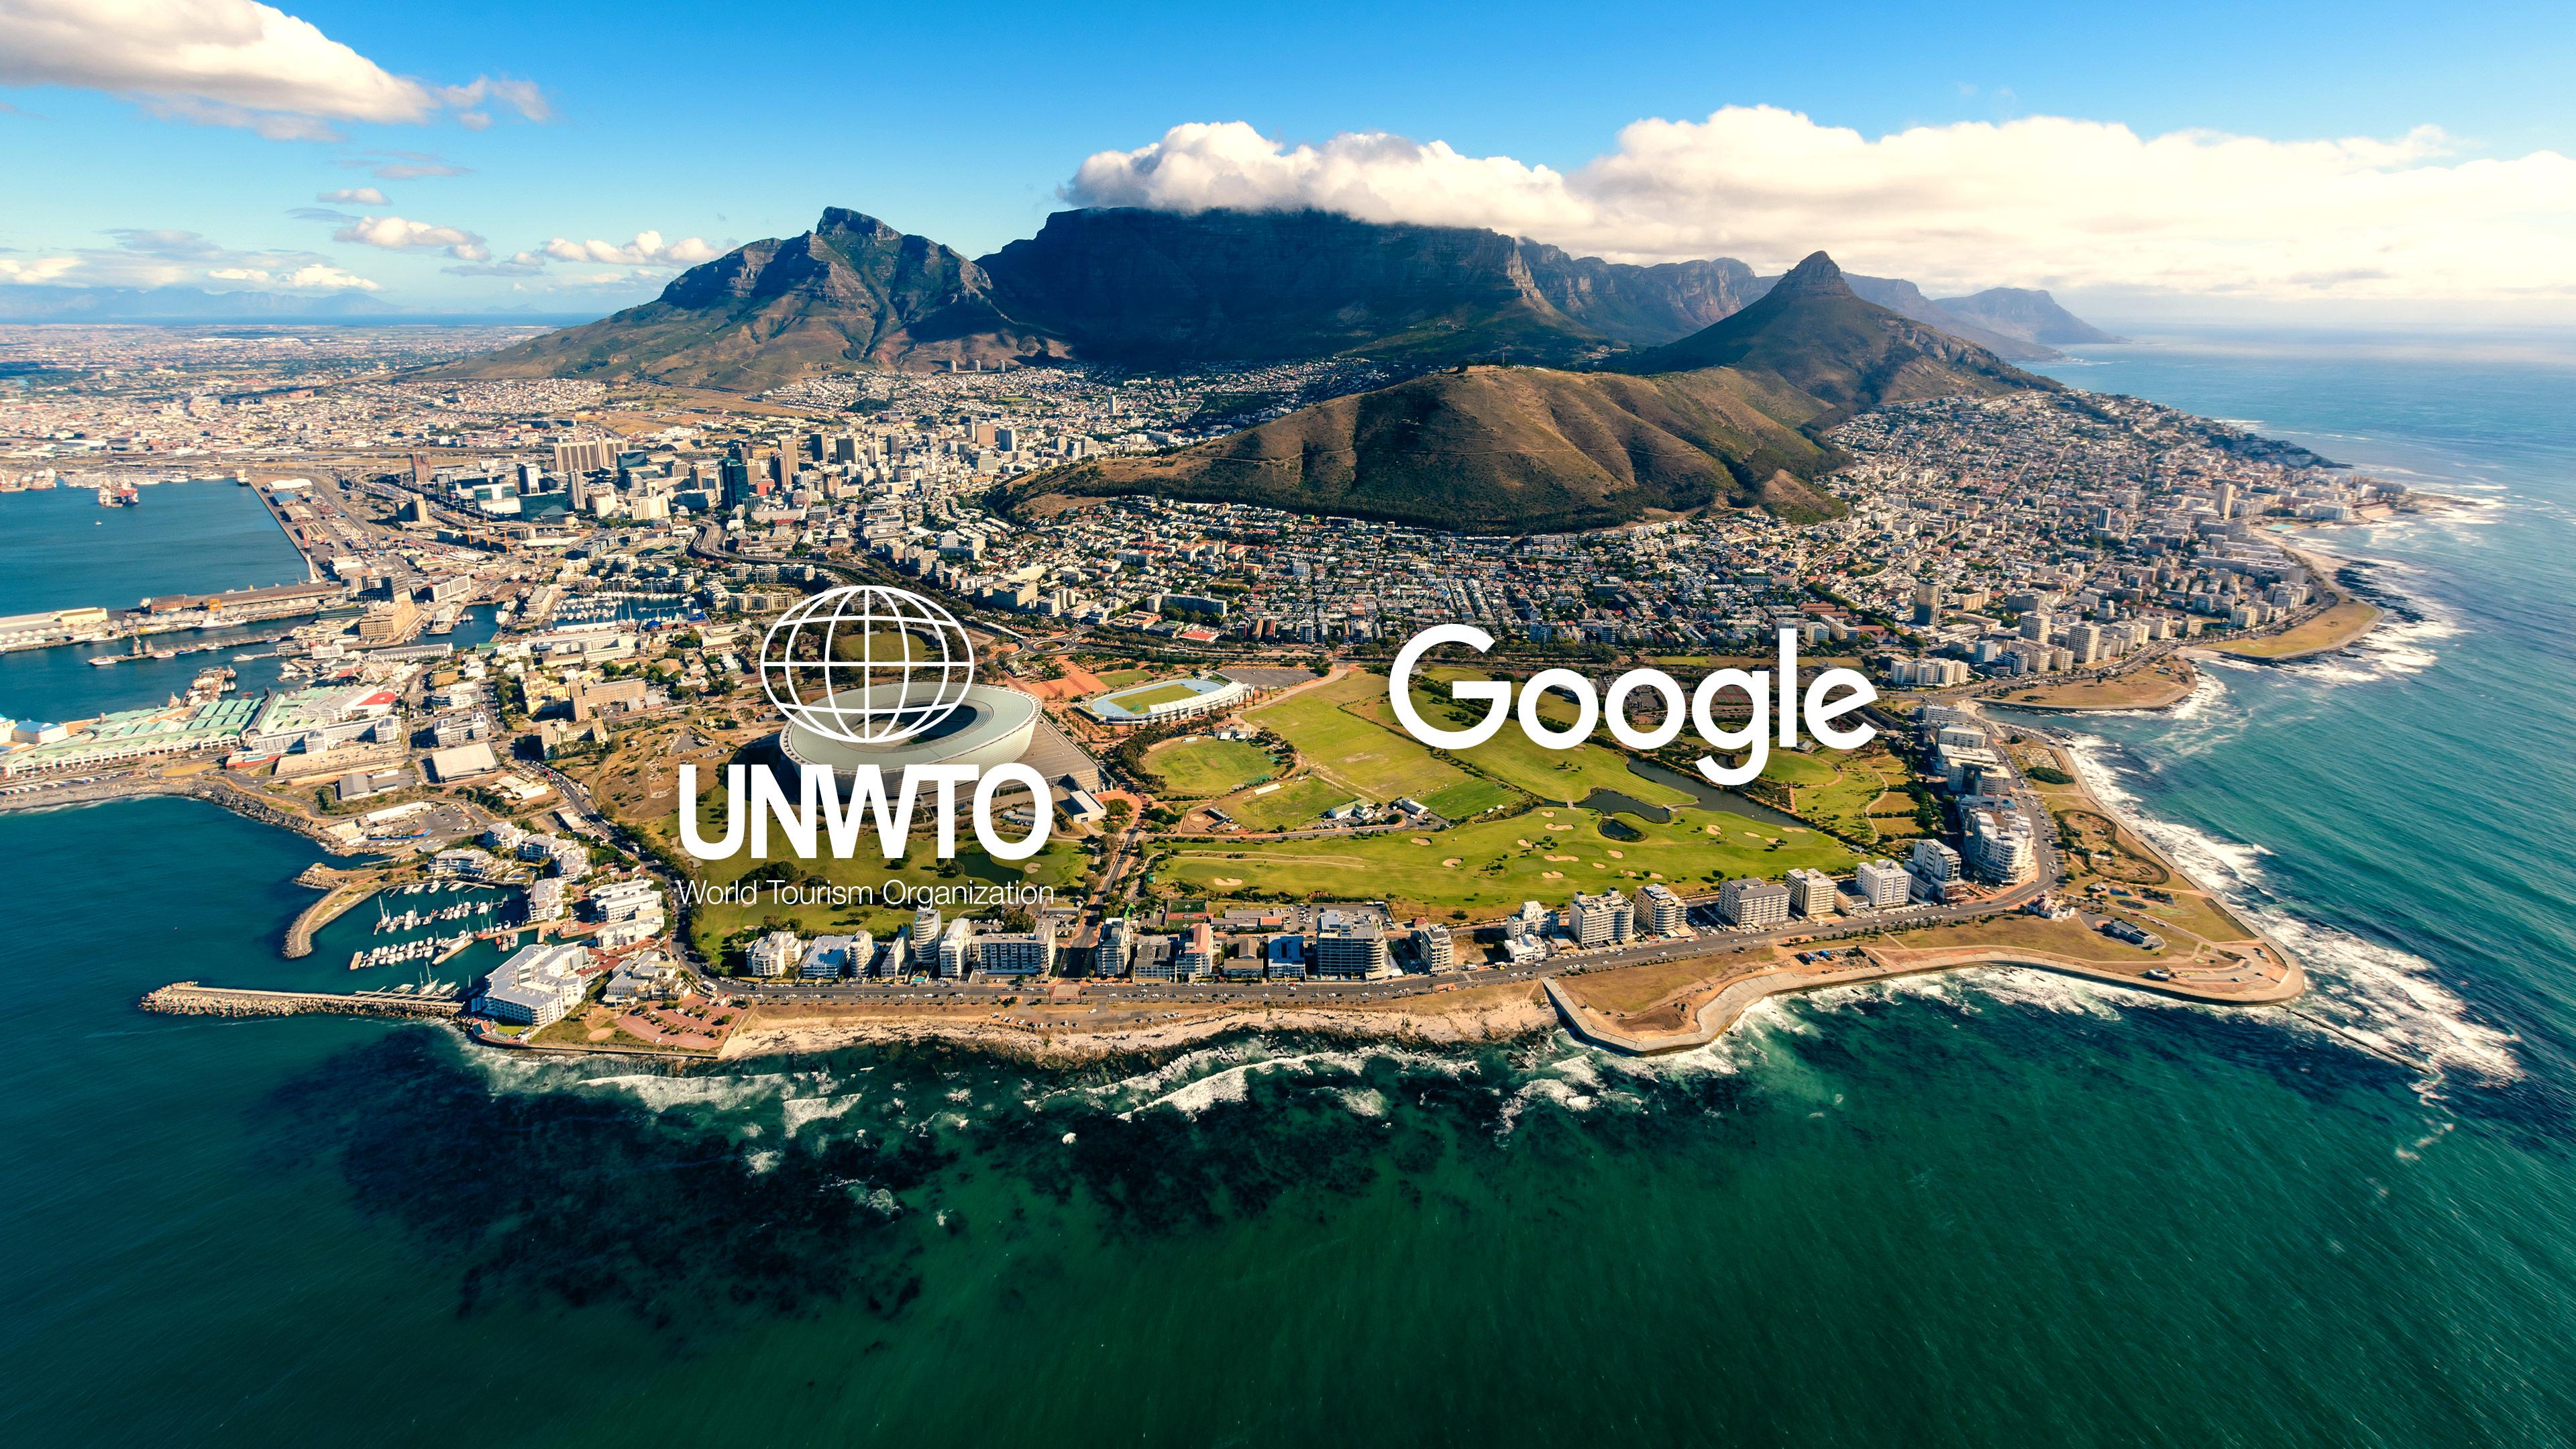 La OMT y Google organizan el primer programa para la aceleración del turismo en el África subsahariana